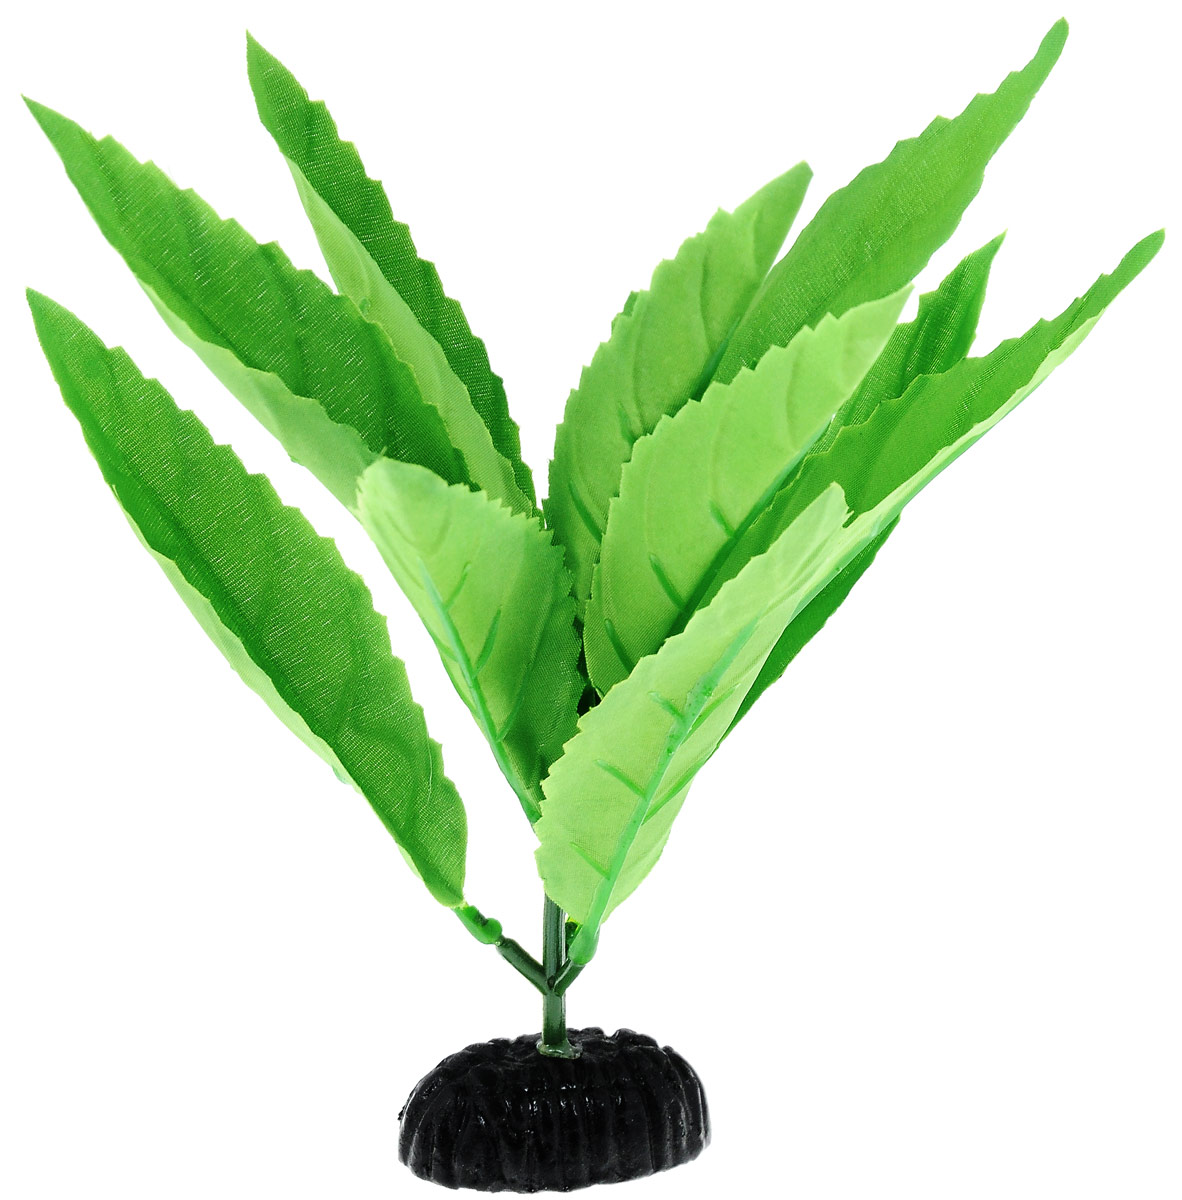 Растение для аквариума Barbus Гигрофила, шелковое, высота 20 см аксессуары для аквариумов и террариумов laguna растение для аквариума 10см